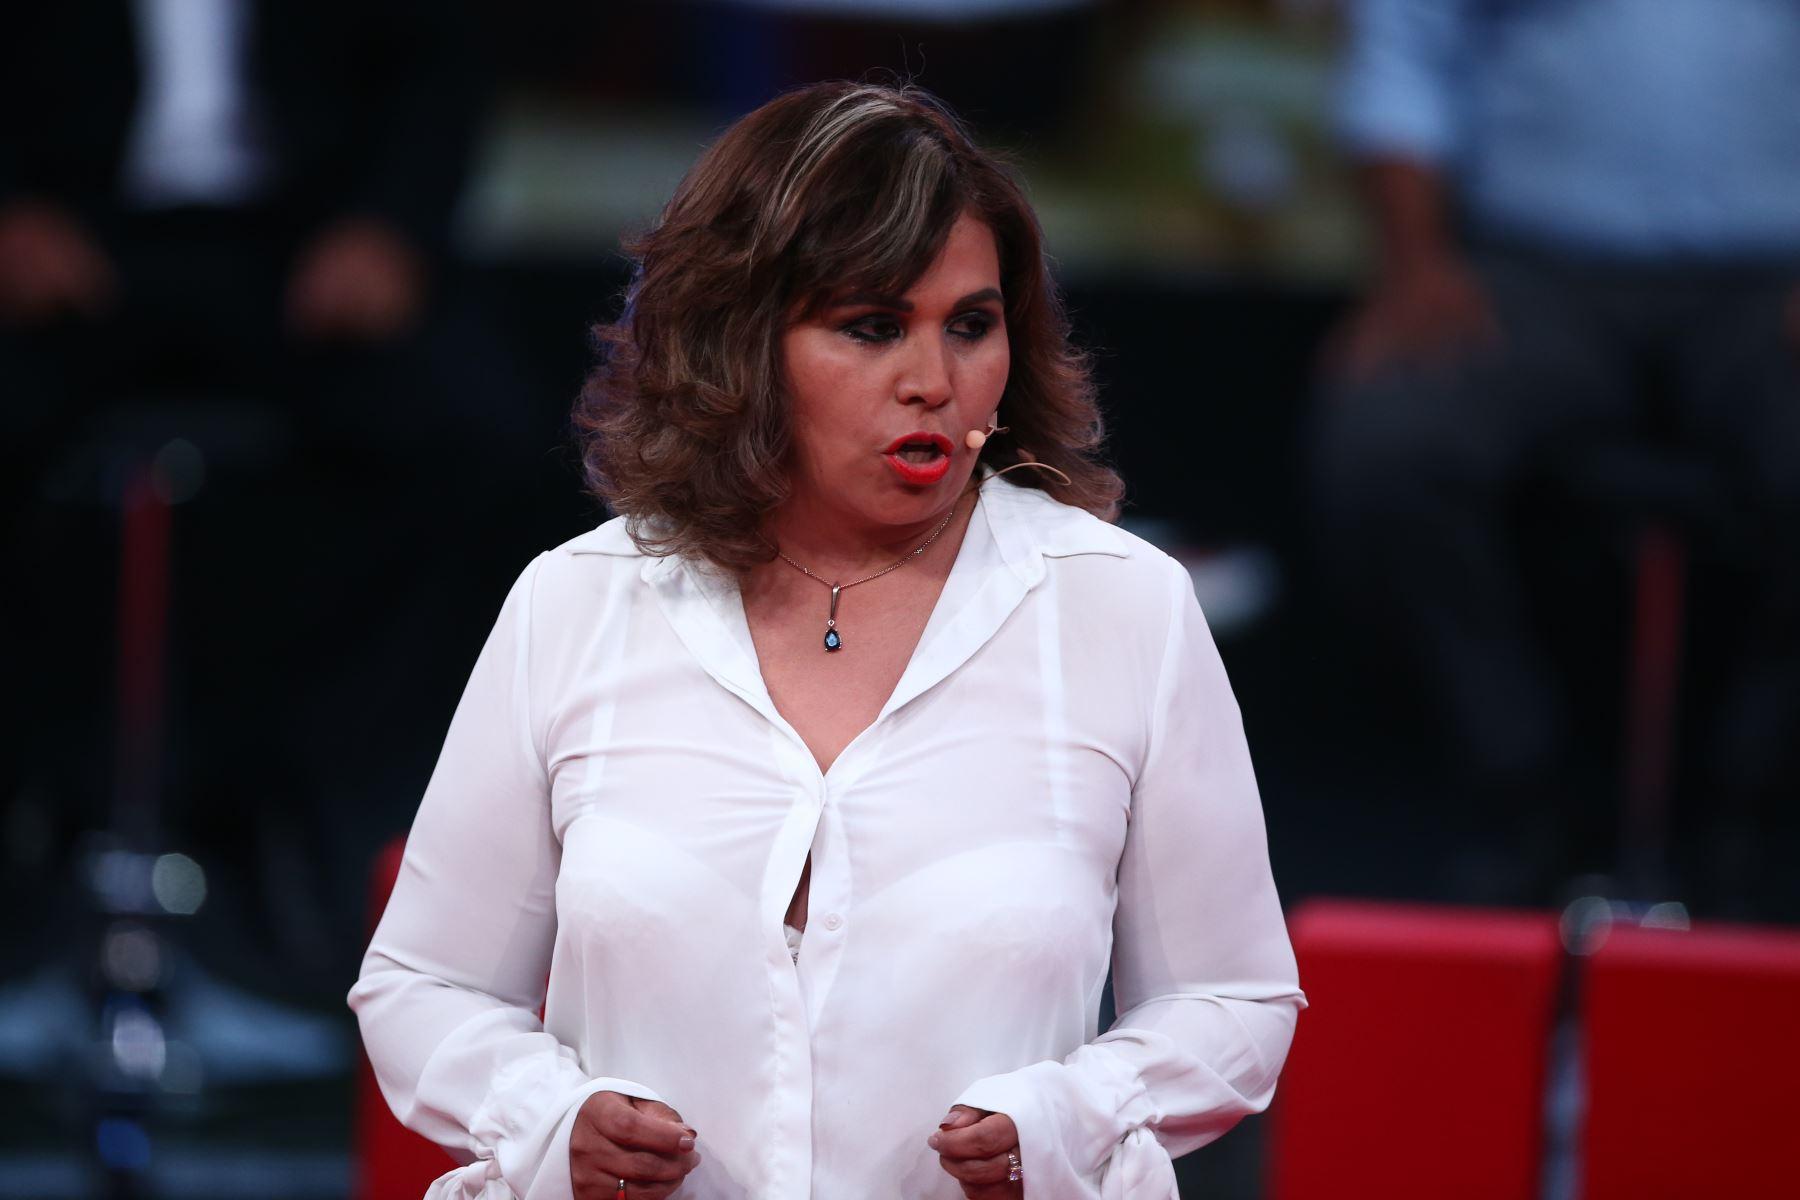 Maria Teresa Cabrera de Podemos Perú participa en debate. Foto: ANDINA/Tarqui Vidal